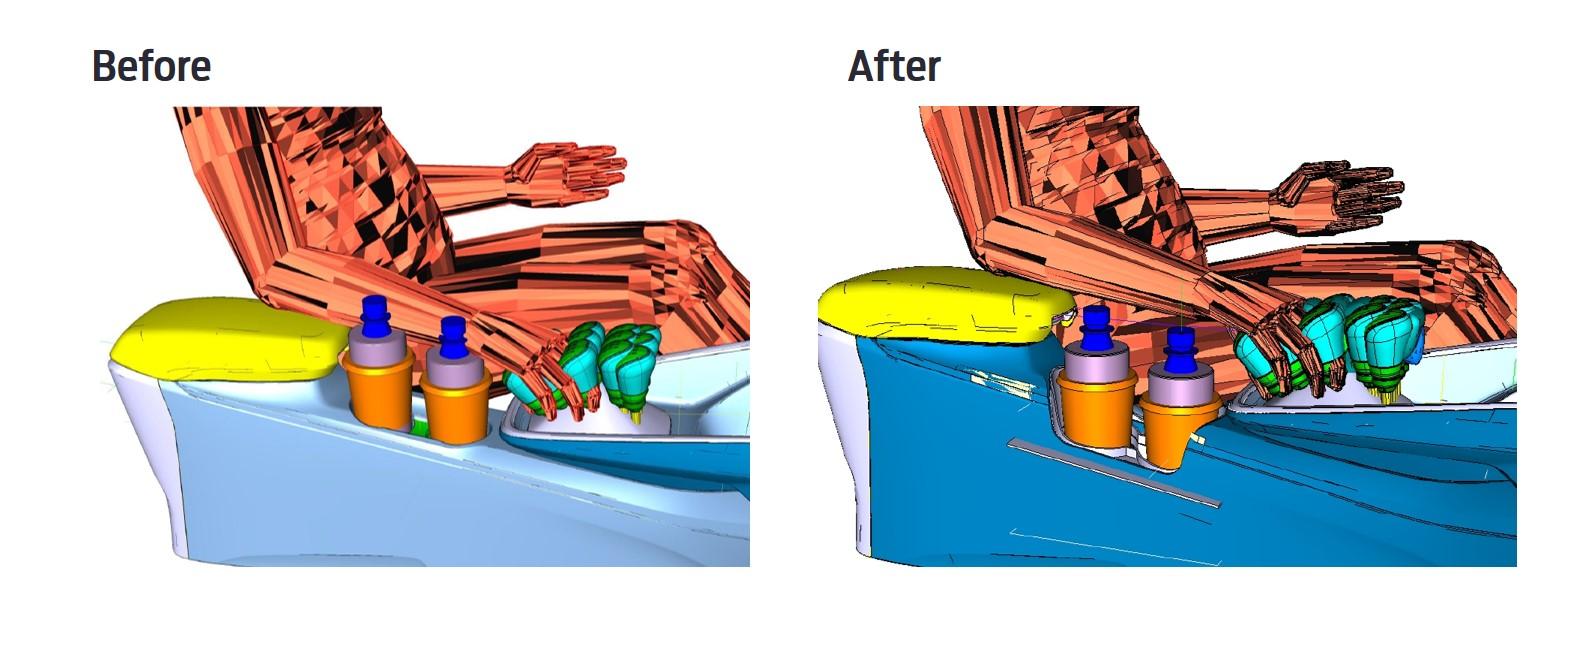 【圖五】Ford的設計團隊降低了置杯架的位置、擴大置杯架的寬度,以確保能夠容納各種尺寸的容器,同時不妨礙駕駛者進行換檔的動作。.jpg